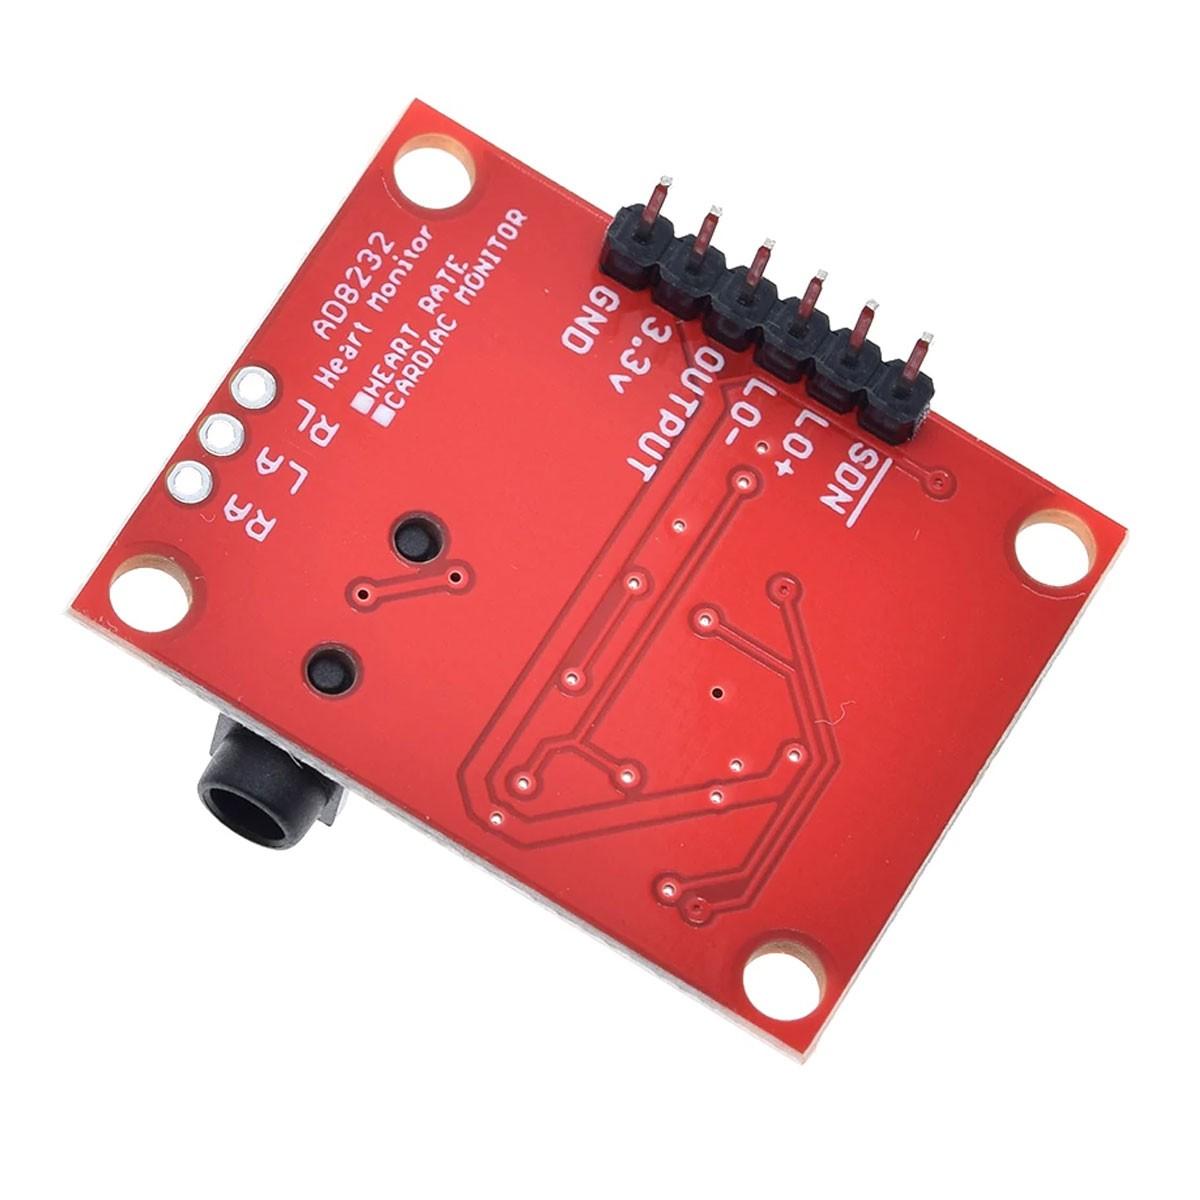 Módulo Pulso / Frequência Cardíaca  - Ecg Ad8232 + Sensores